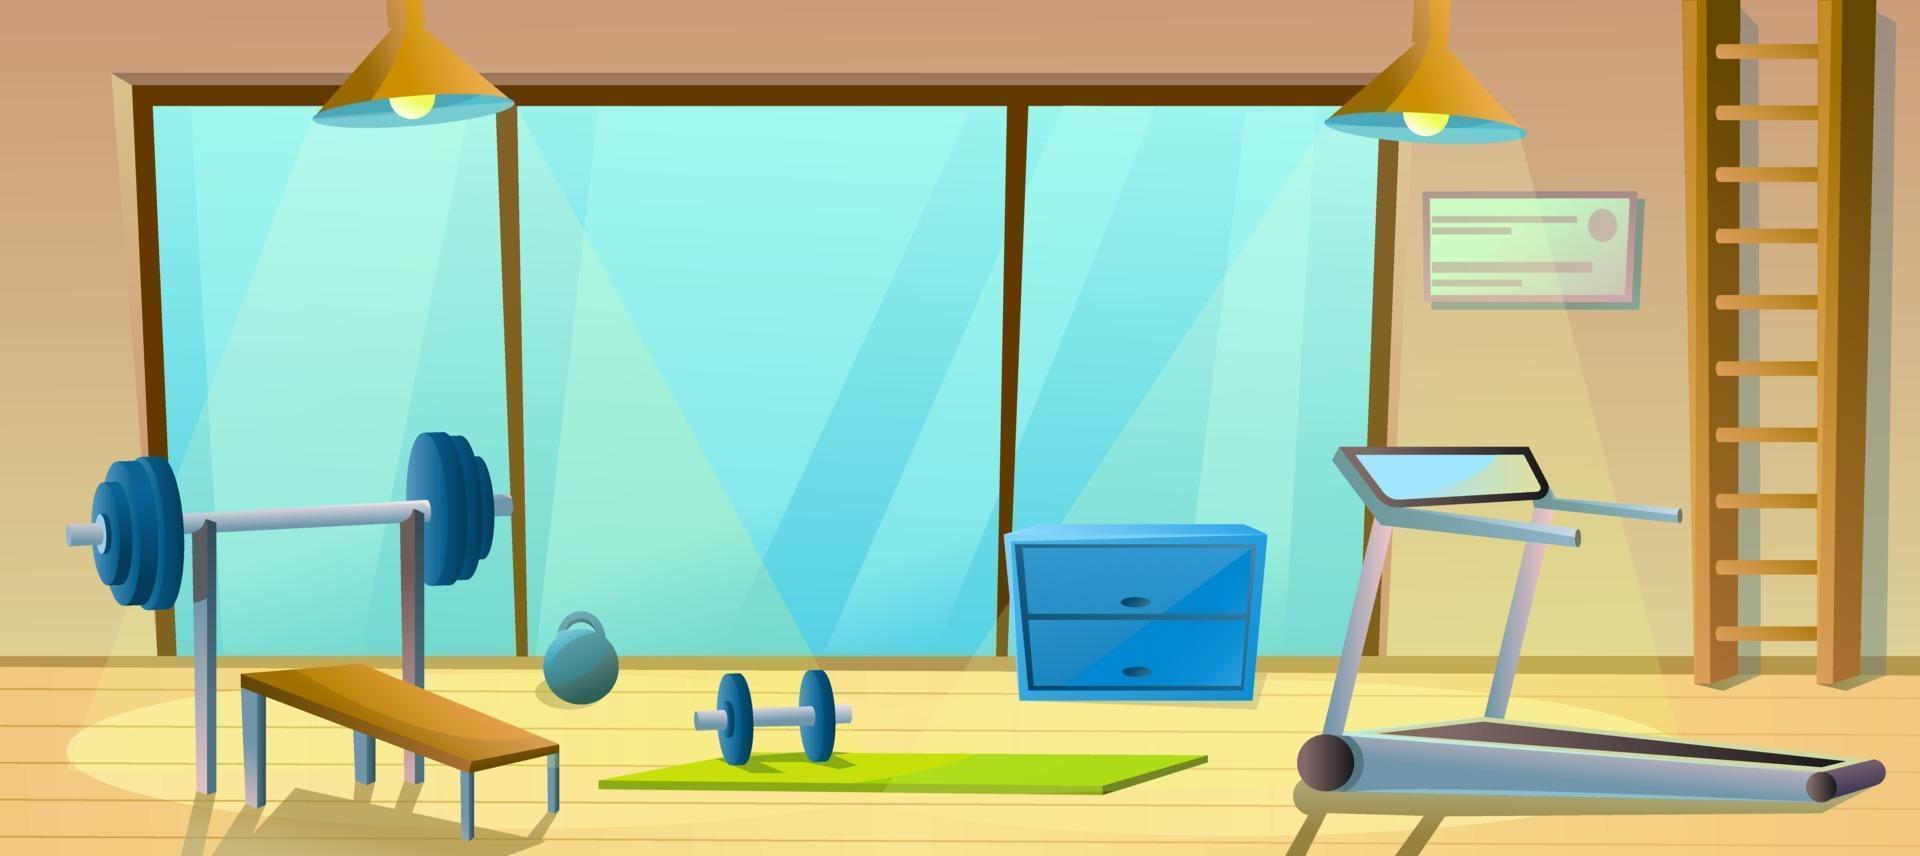 gran gimnasio con barra, mancuernas y cinta de correr. interior deportivo. gimnasia saludable. sala de fitness. vector